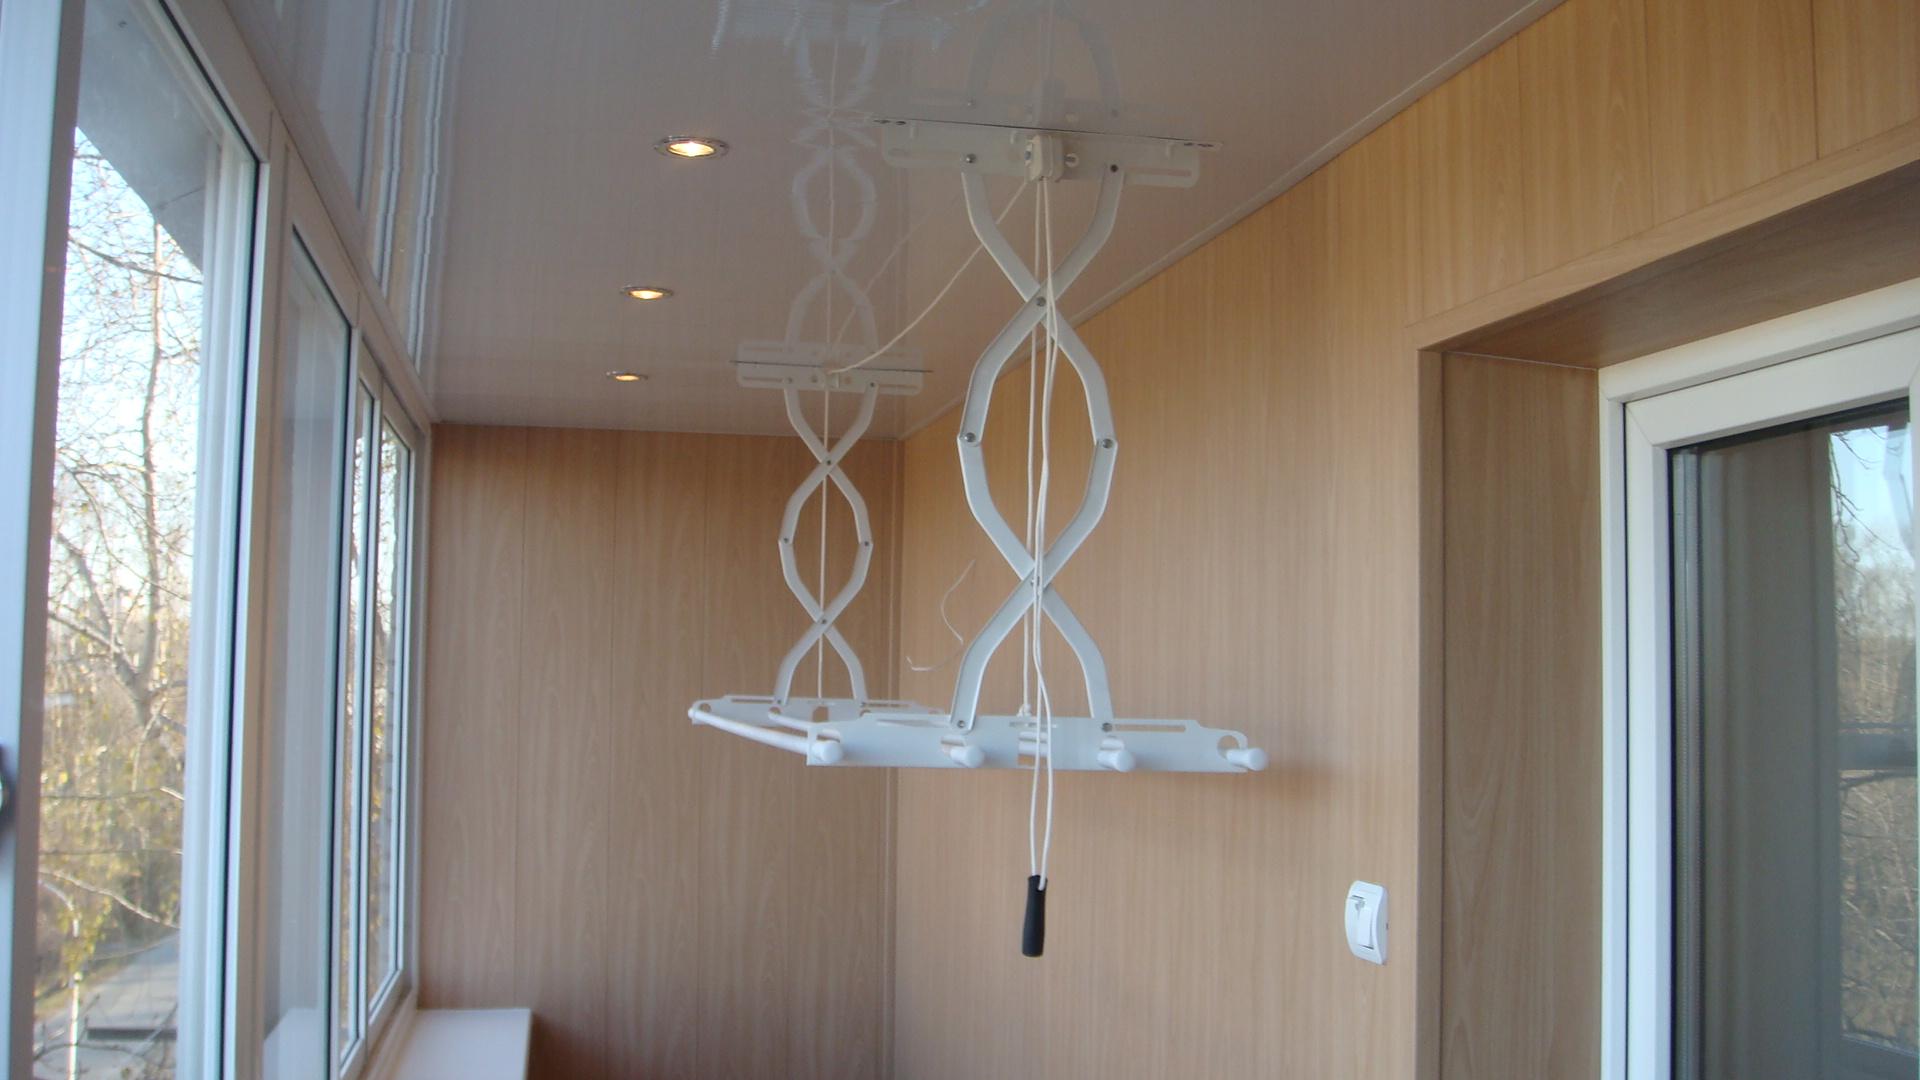 Потолочная вешалка для сушки белья - всё о балконе.